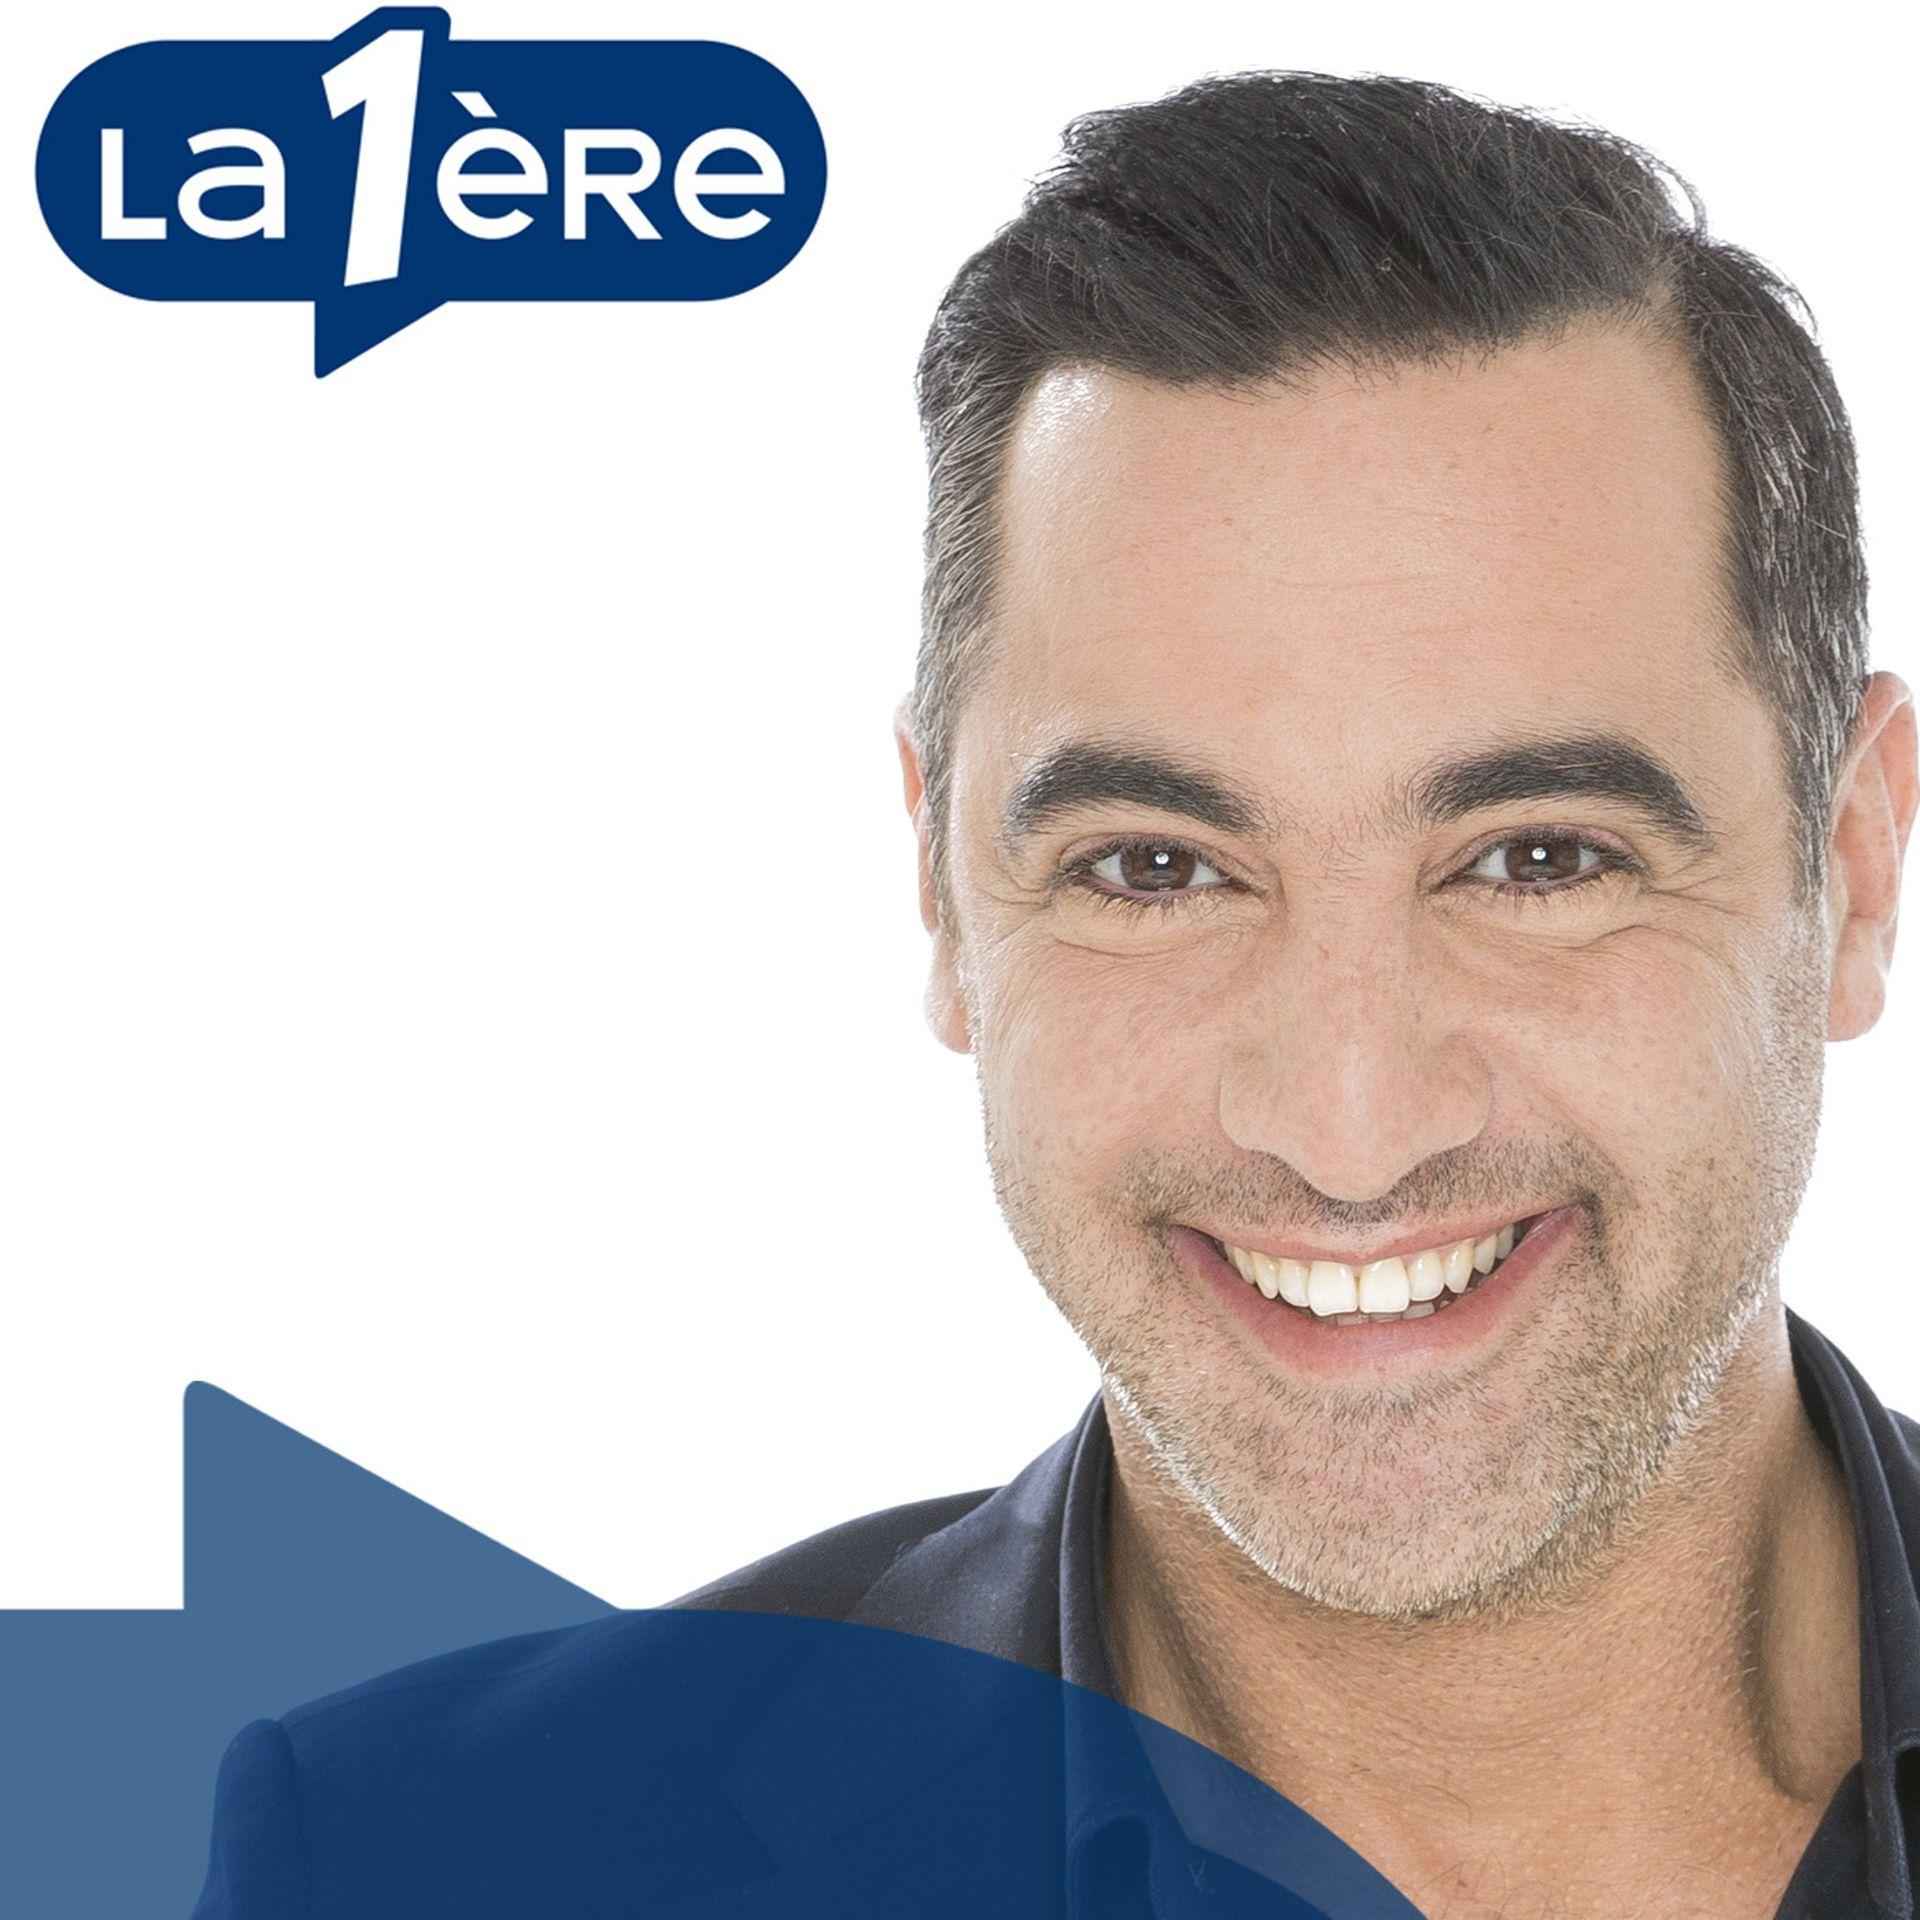 La Presque star - Le gagnant du king herve - Louis Vervier - 11/04/2018